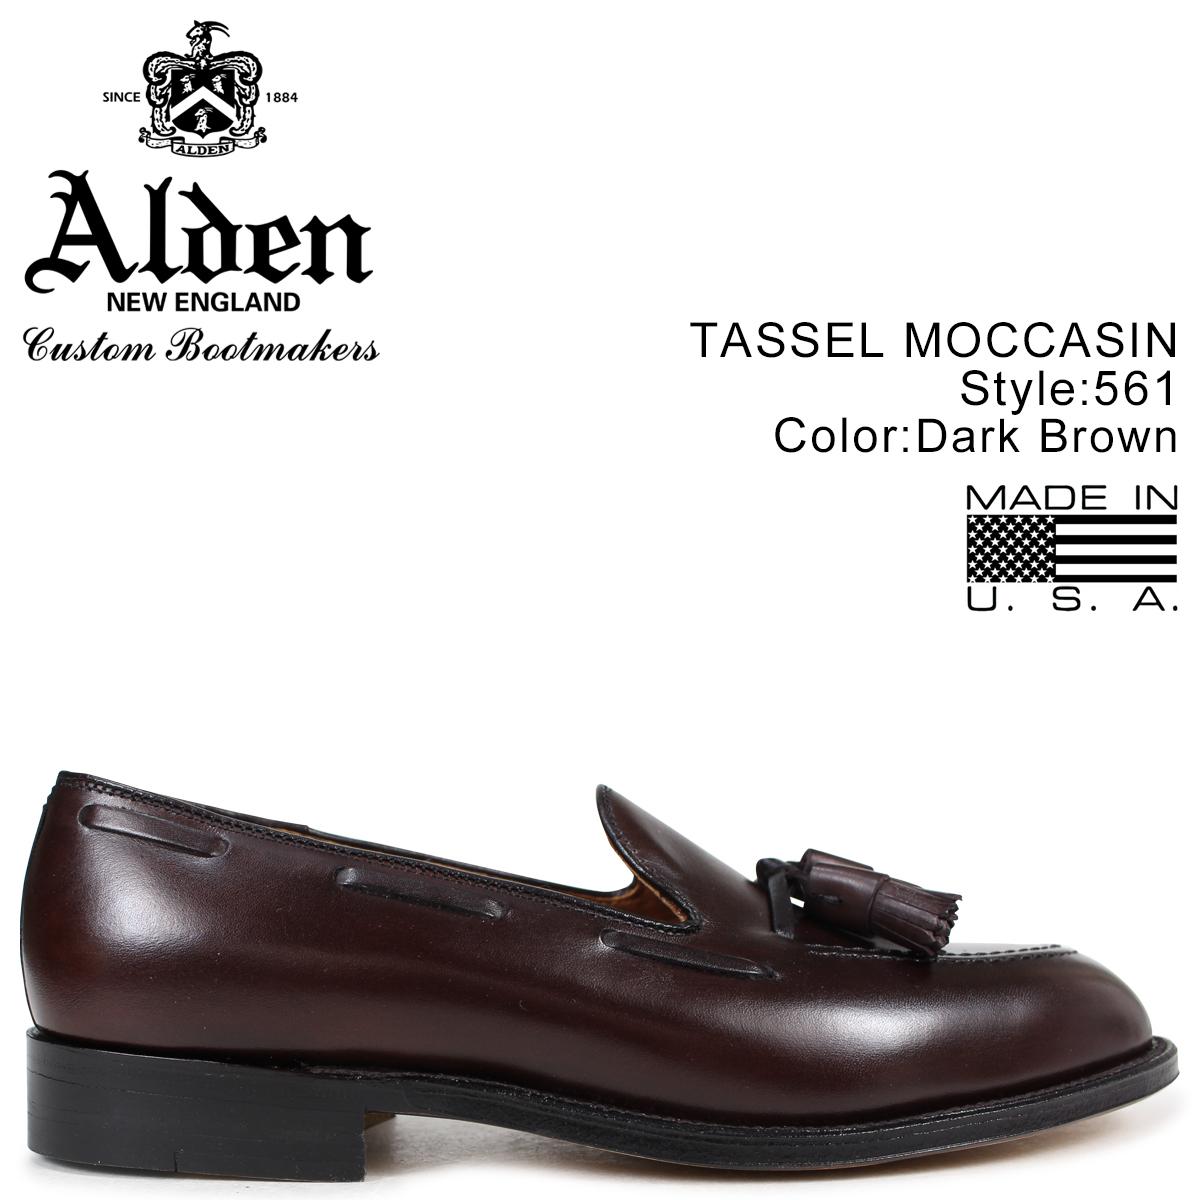 オールデン ALDEN ローファー タッセル シューズ メンズ TASSEL MOCCASIN ダークブラウン Dワイズ 561